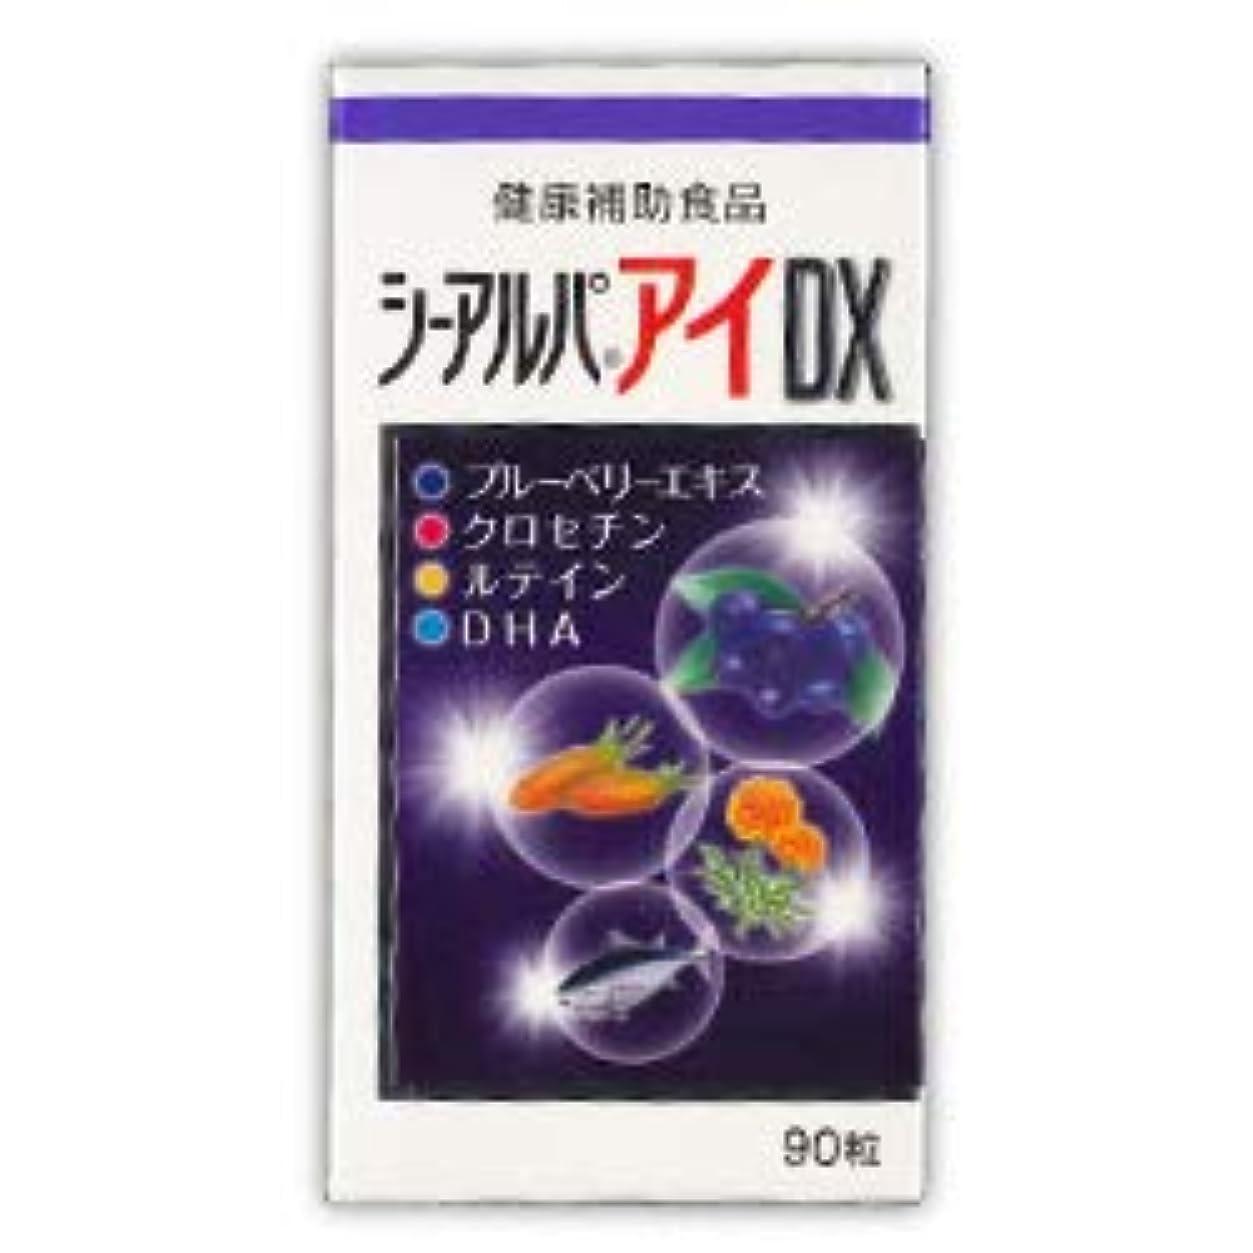 ライナー湿地スイッチ【日水製薬】シーアルパアイDX 90粒